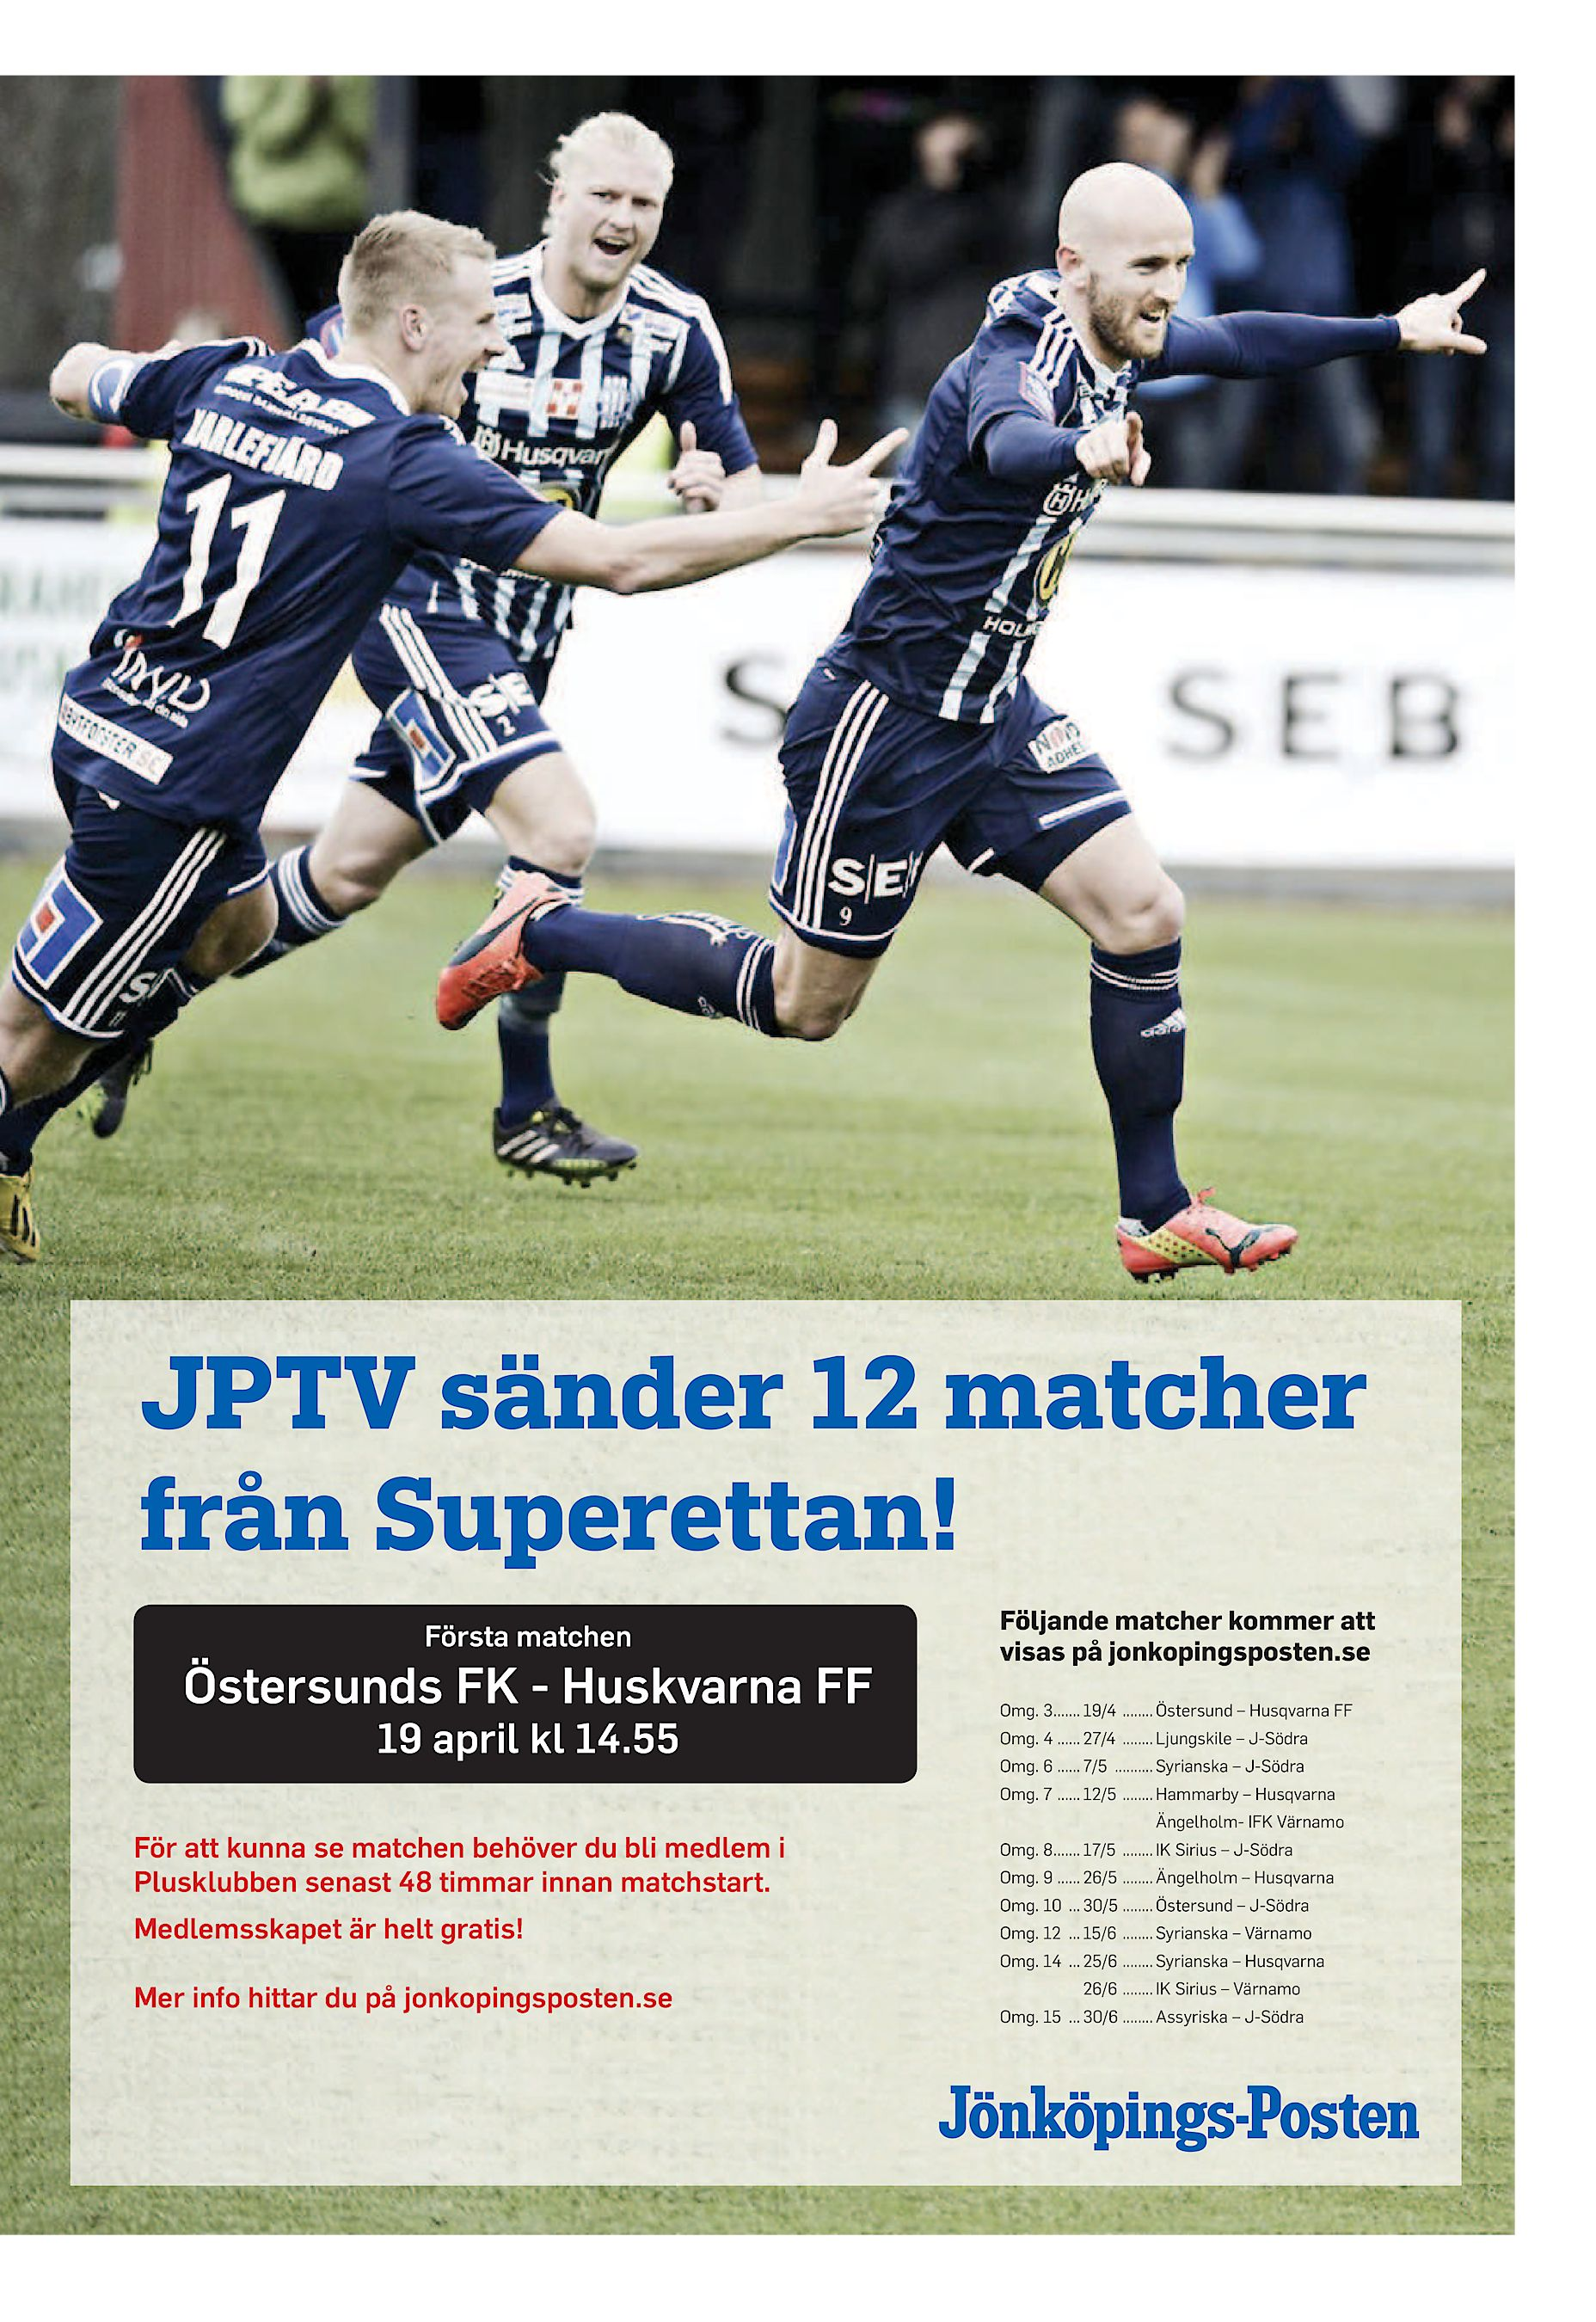 new arrival d4d58 c55f1 JPTV sänder 12 matcher från Superettan! Första matchen Östersunds FK -  Huskvarna FF 19 april kl 14.55 Följande matcher kommer att visas på ...